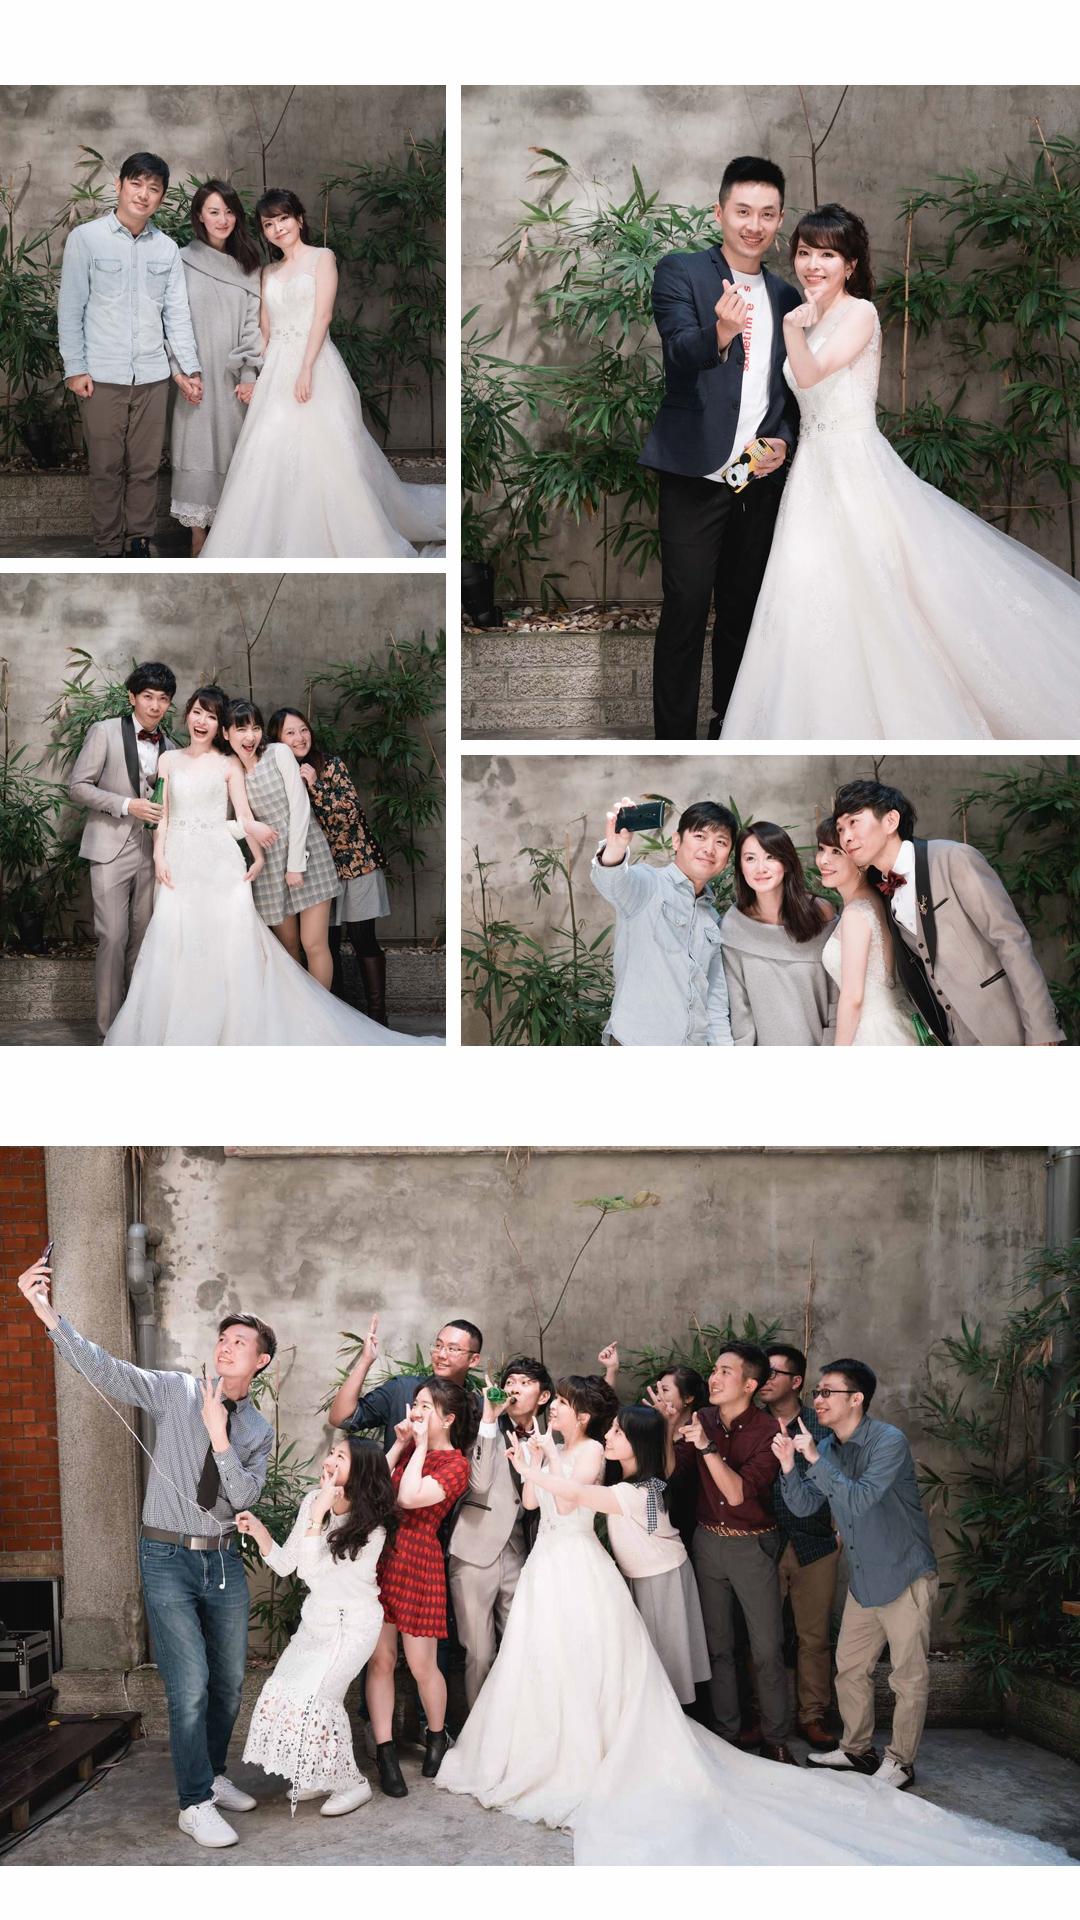 婚攝推薦,婚攝,食尚曼谷,食尚曼谷 婚禮,特色婚禮